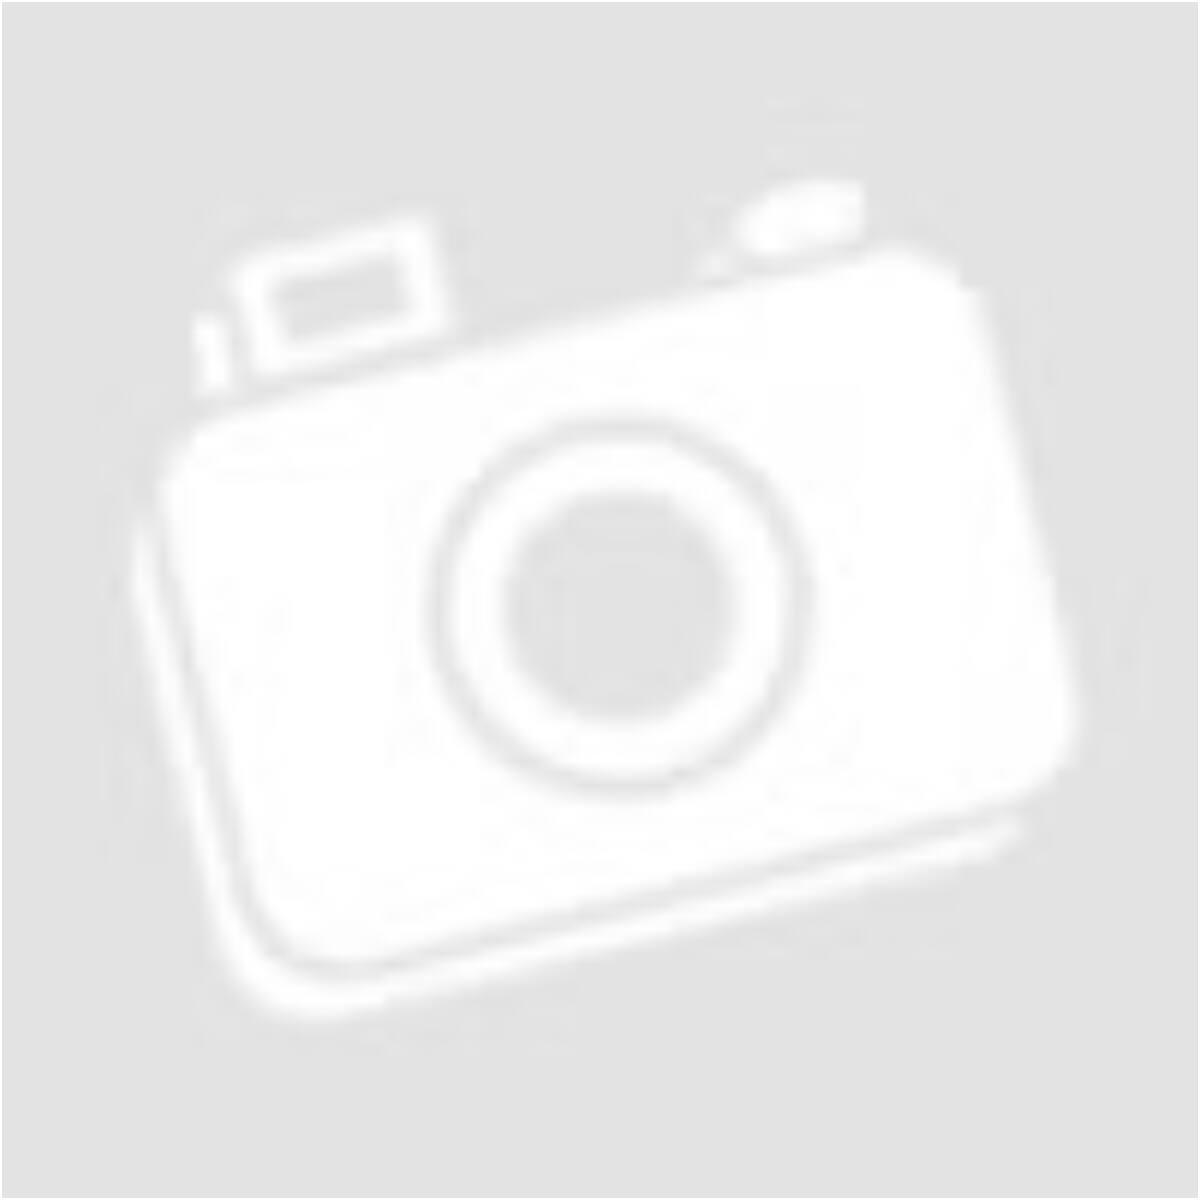 fcf93aad82 Férfi télikabát #R62 - fekete - Télikabátok